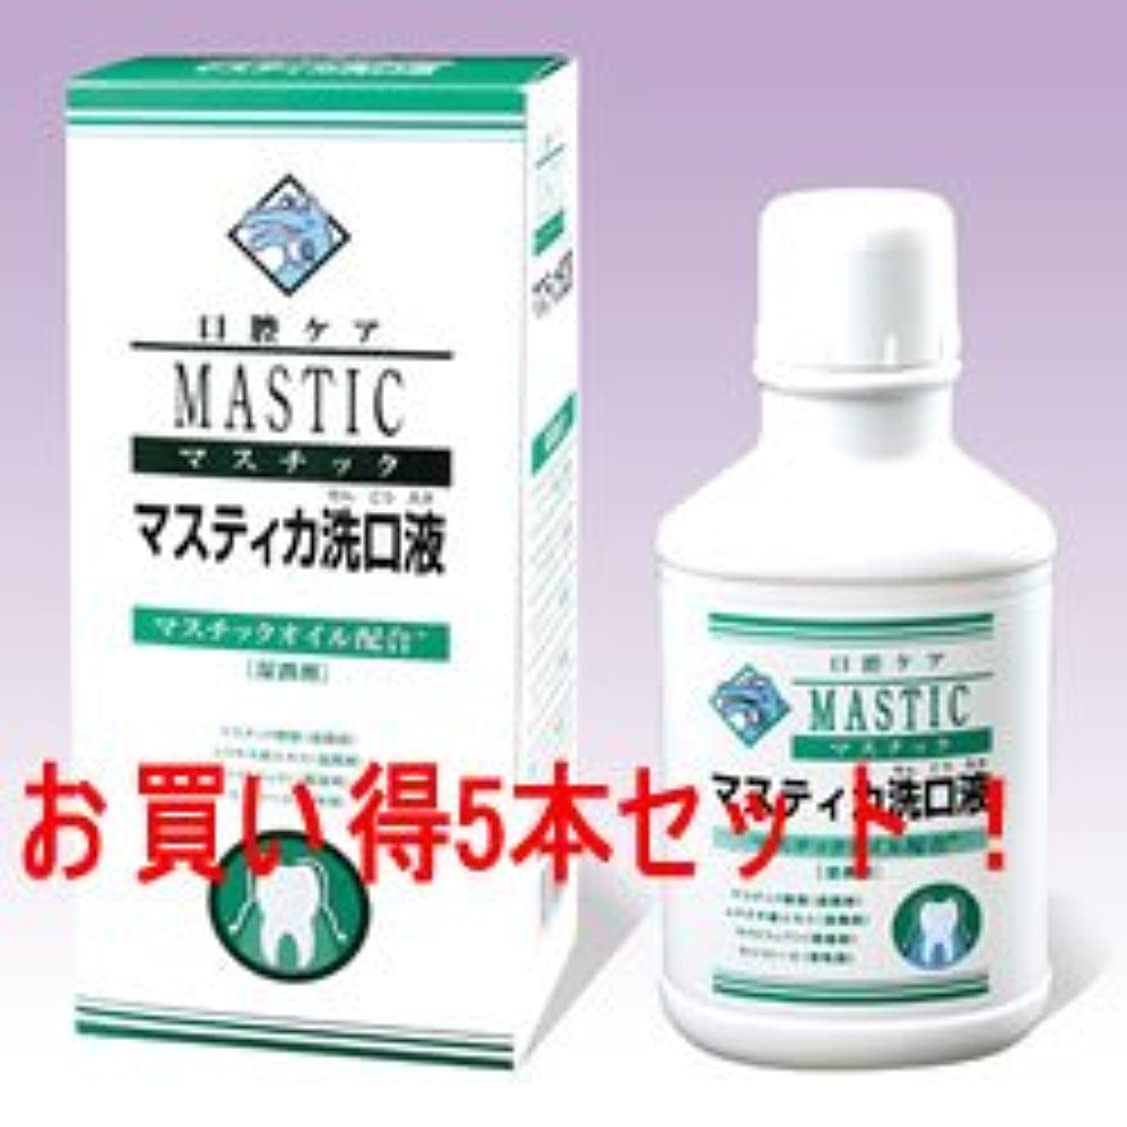 順応性研究シャイマスチック マスティカ洗口液480ml(5本セット)